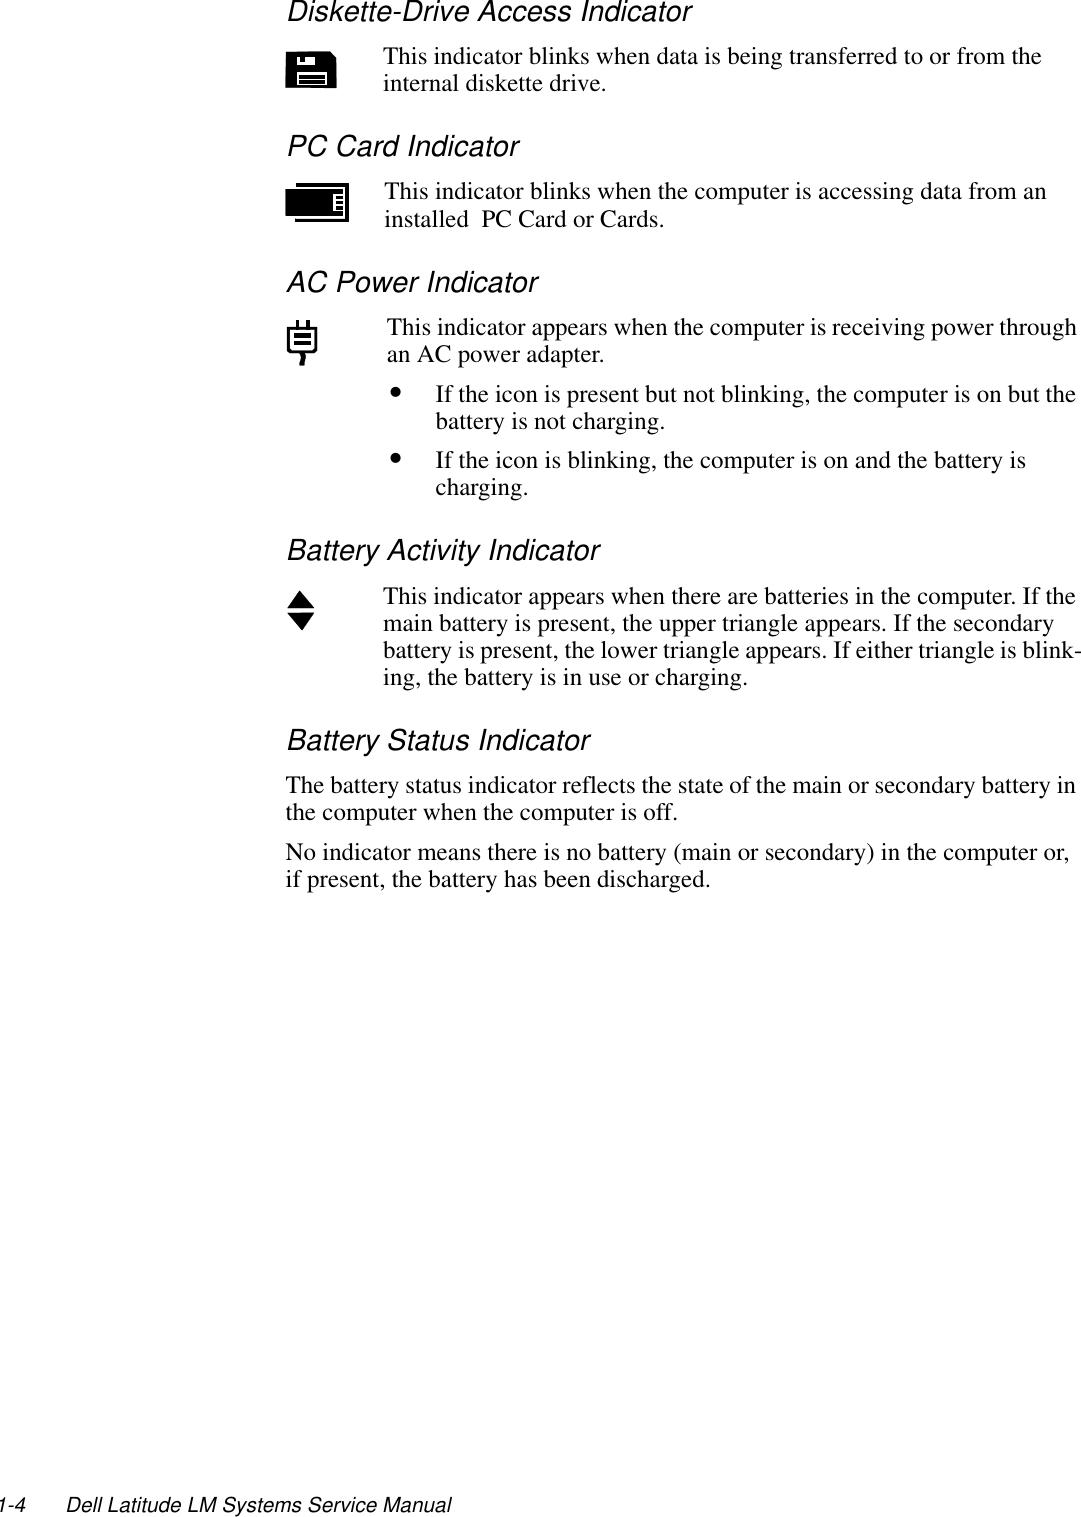 Dell Latitude Lm Service Manual